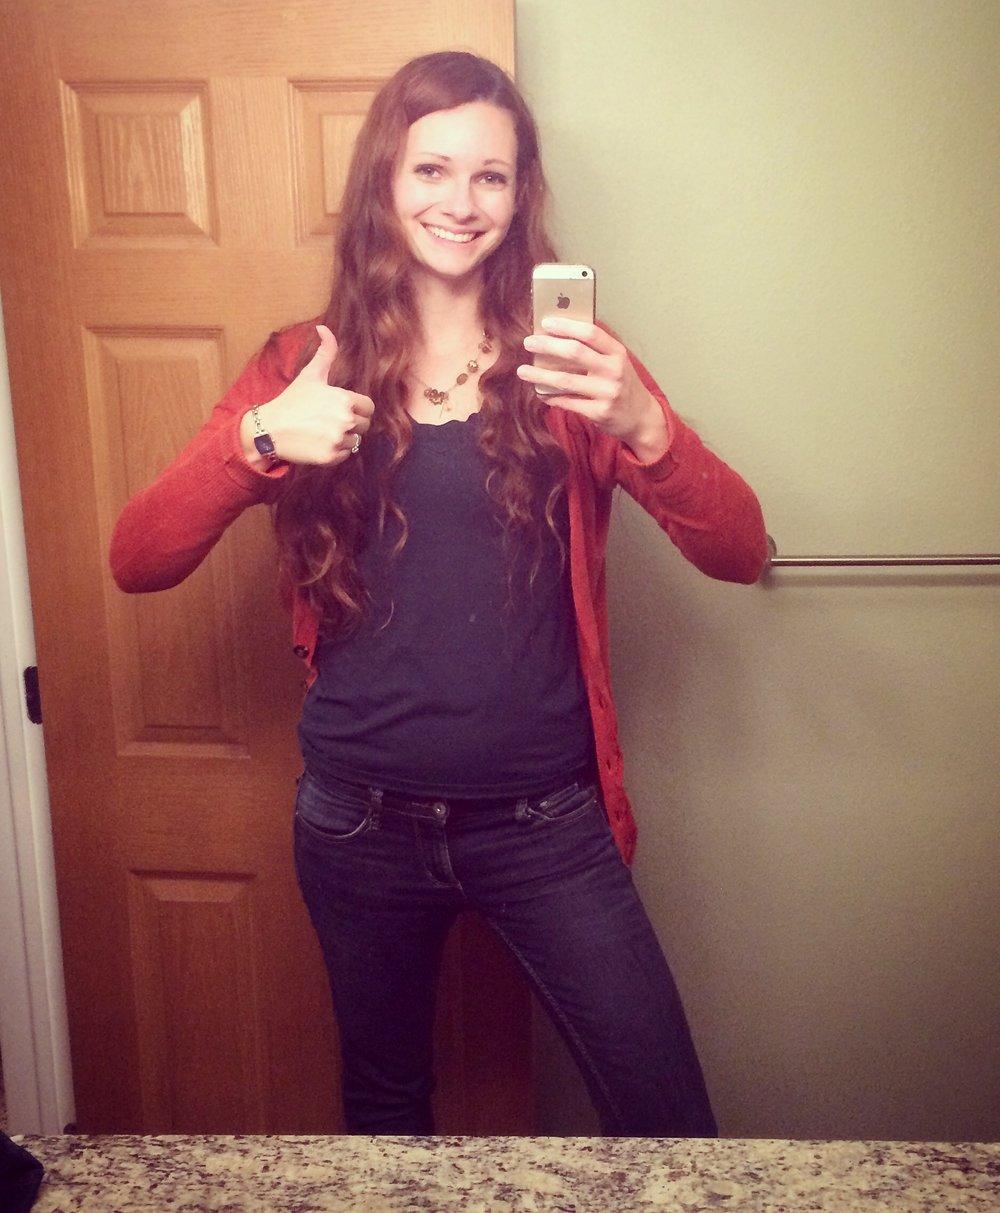 Teen amateur selfie